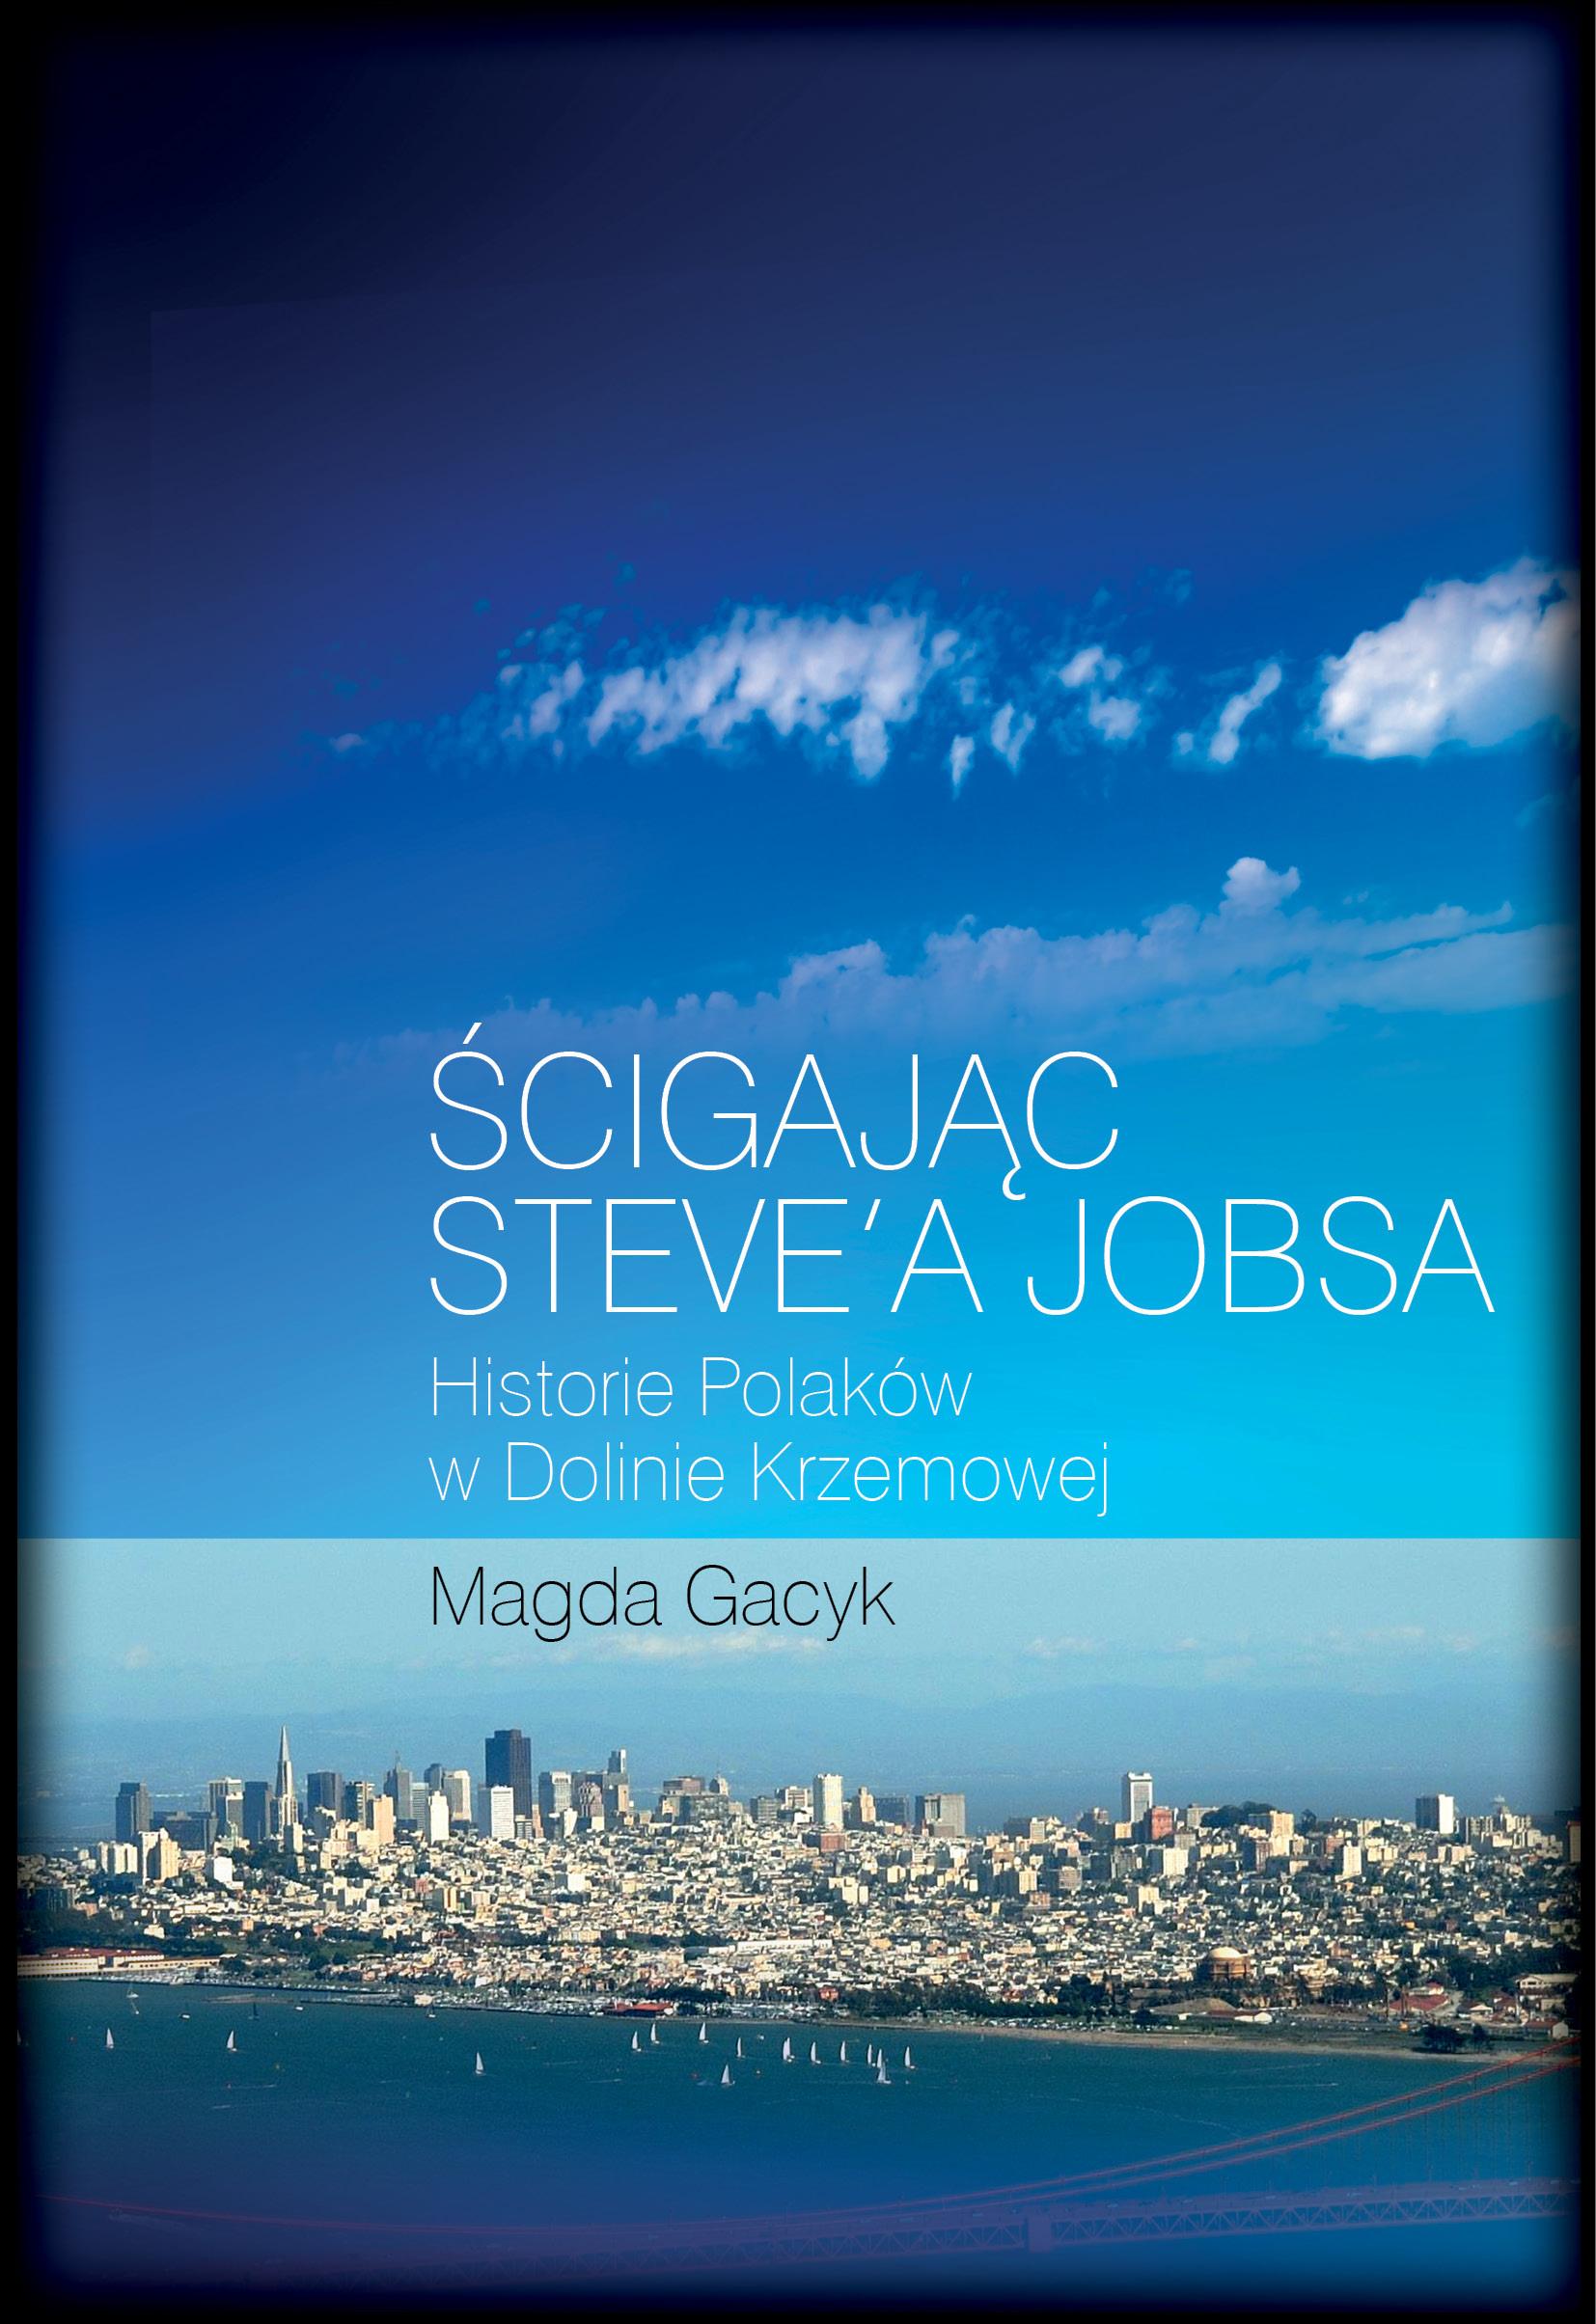 Ścigając Steve'a Jobsa. Historie Polaków w Dolinie Krzemowej – audiobook